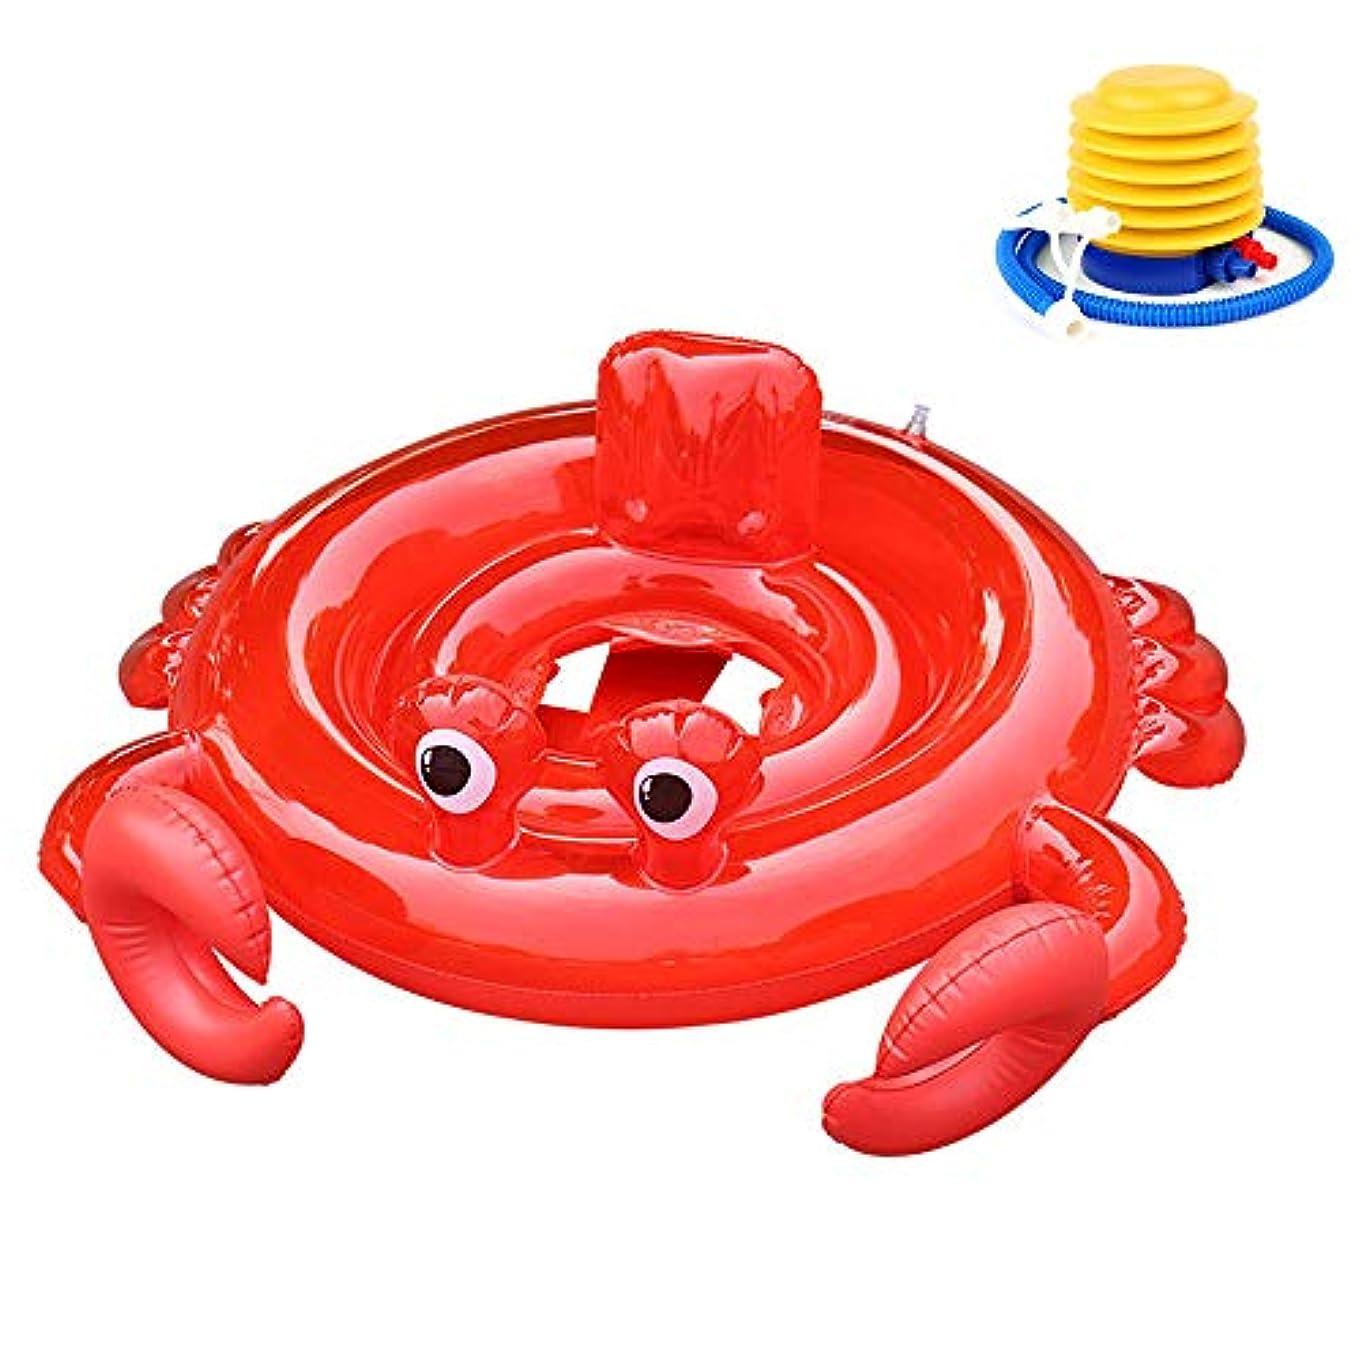 議論する擁する下に子供用浮き輪 足入れ式 暑さ対策 可愛い 水泳用品 足踏み式ポンプ付き